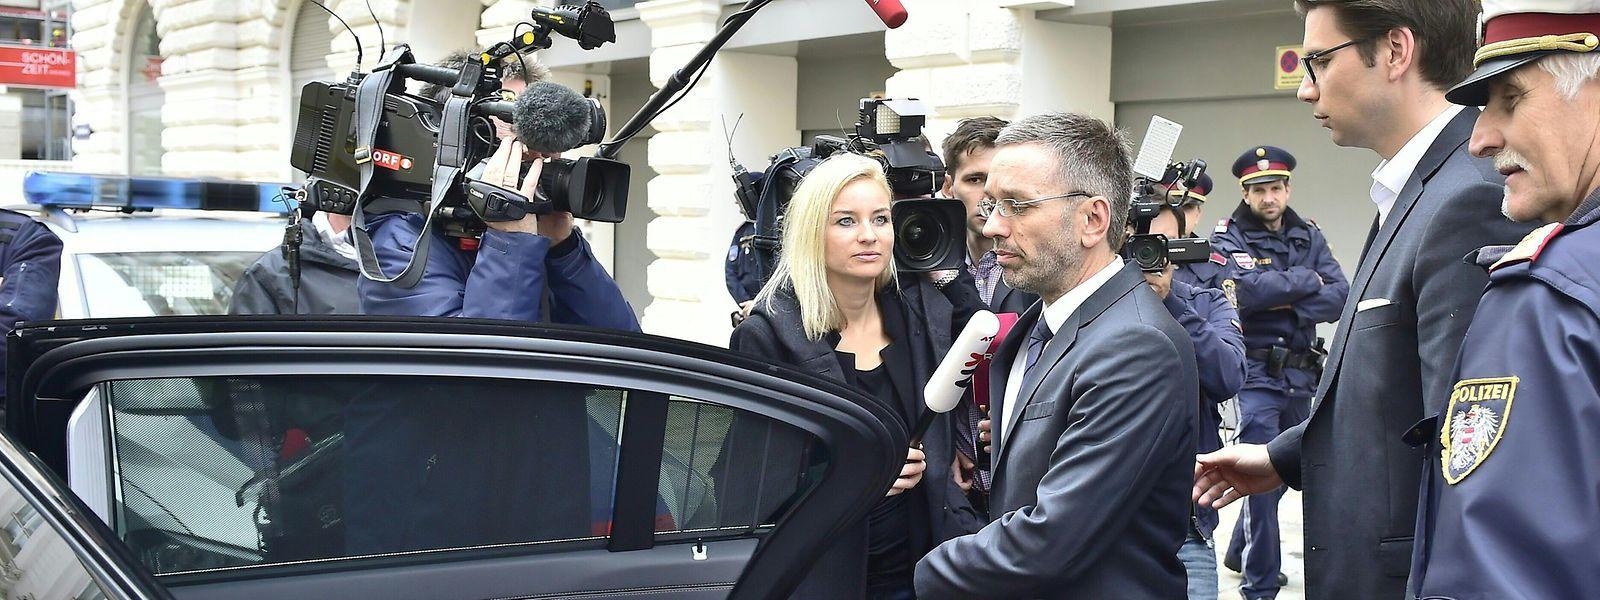 Herbert Kickl (Mitte), Innenminister von Österreich, geht nach einer Pressekonferenz zum Auto.